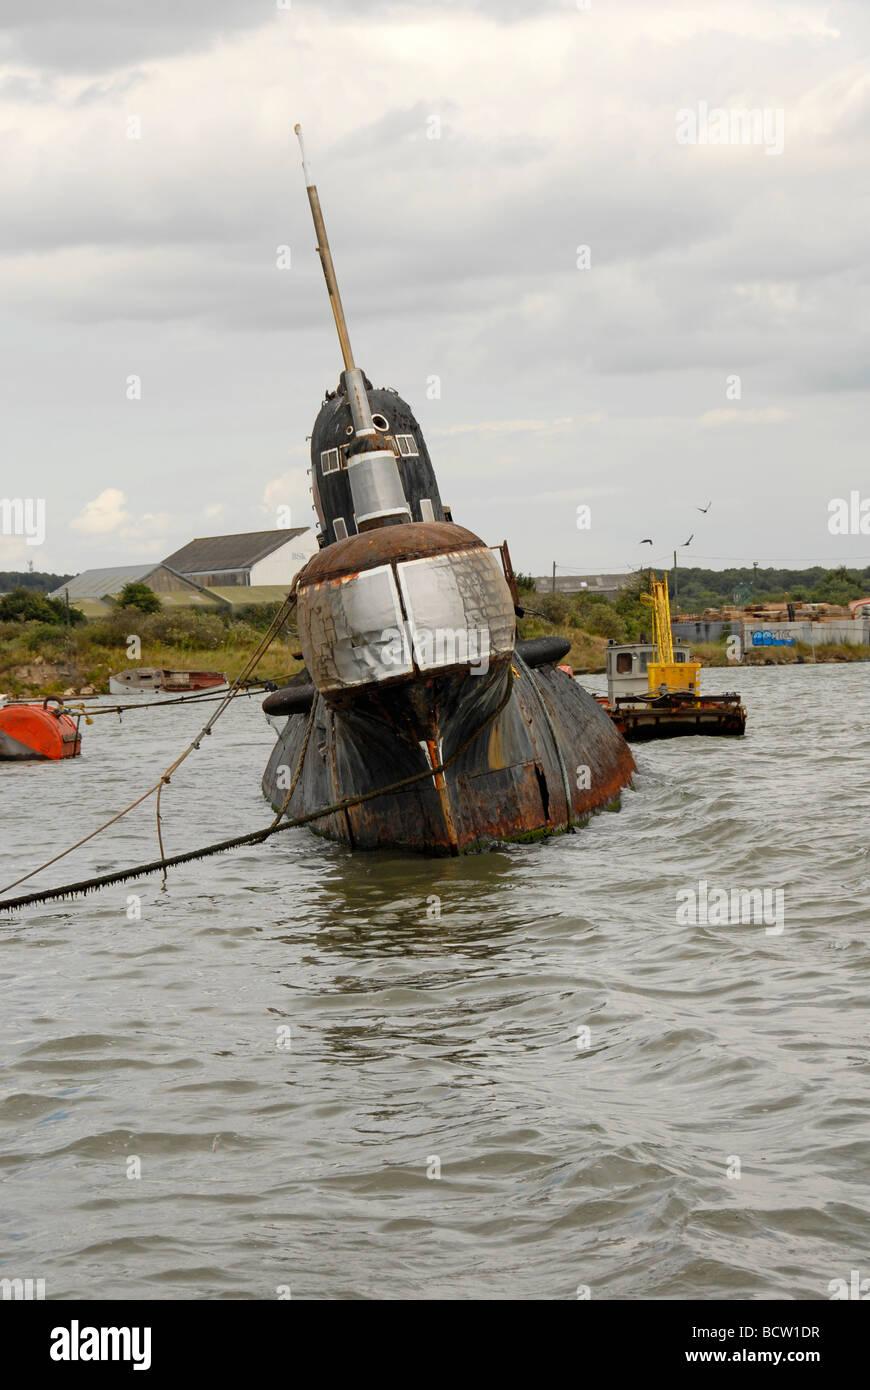 Submarino Ruso abandonado amarrado en río Medway, Rochester, Kent, Inglaterra Imagen De Stock